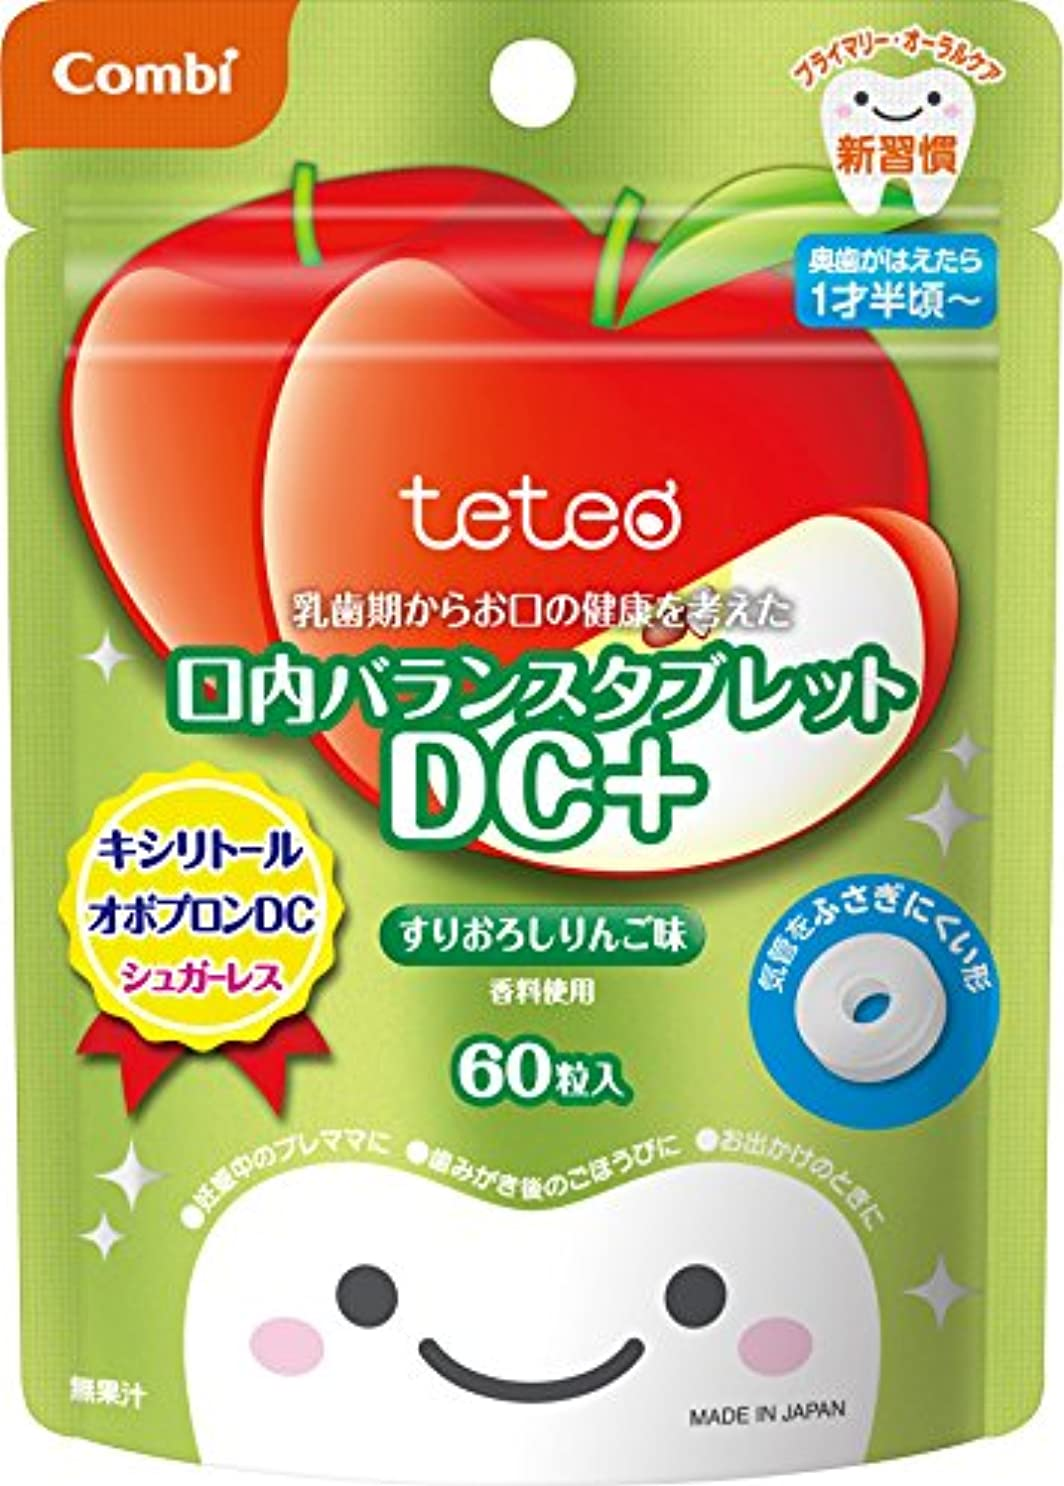 幸運なことに劣るレンドコンビ テテオ 乳歯期からお口の健康を考えた 口内バランスタブレット DC+ すりおろしりんご味 60粒入